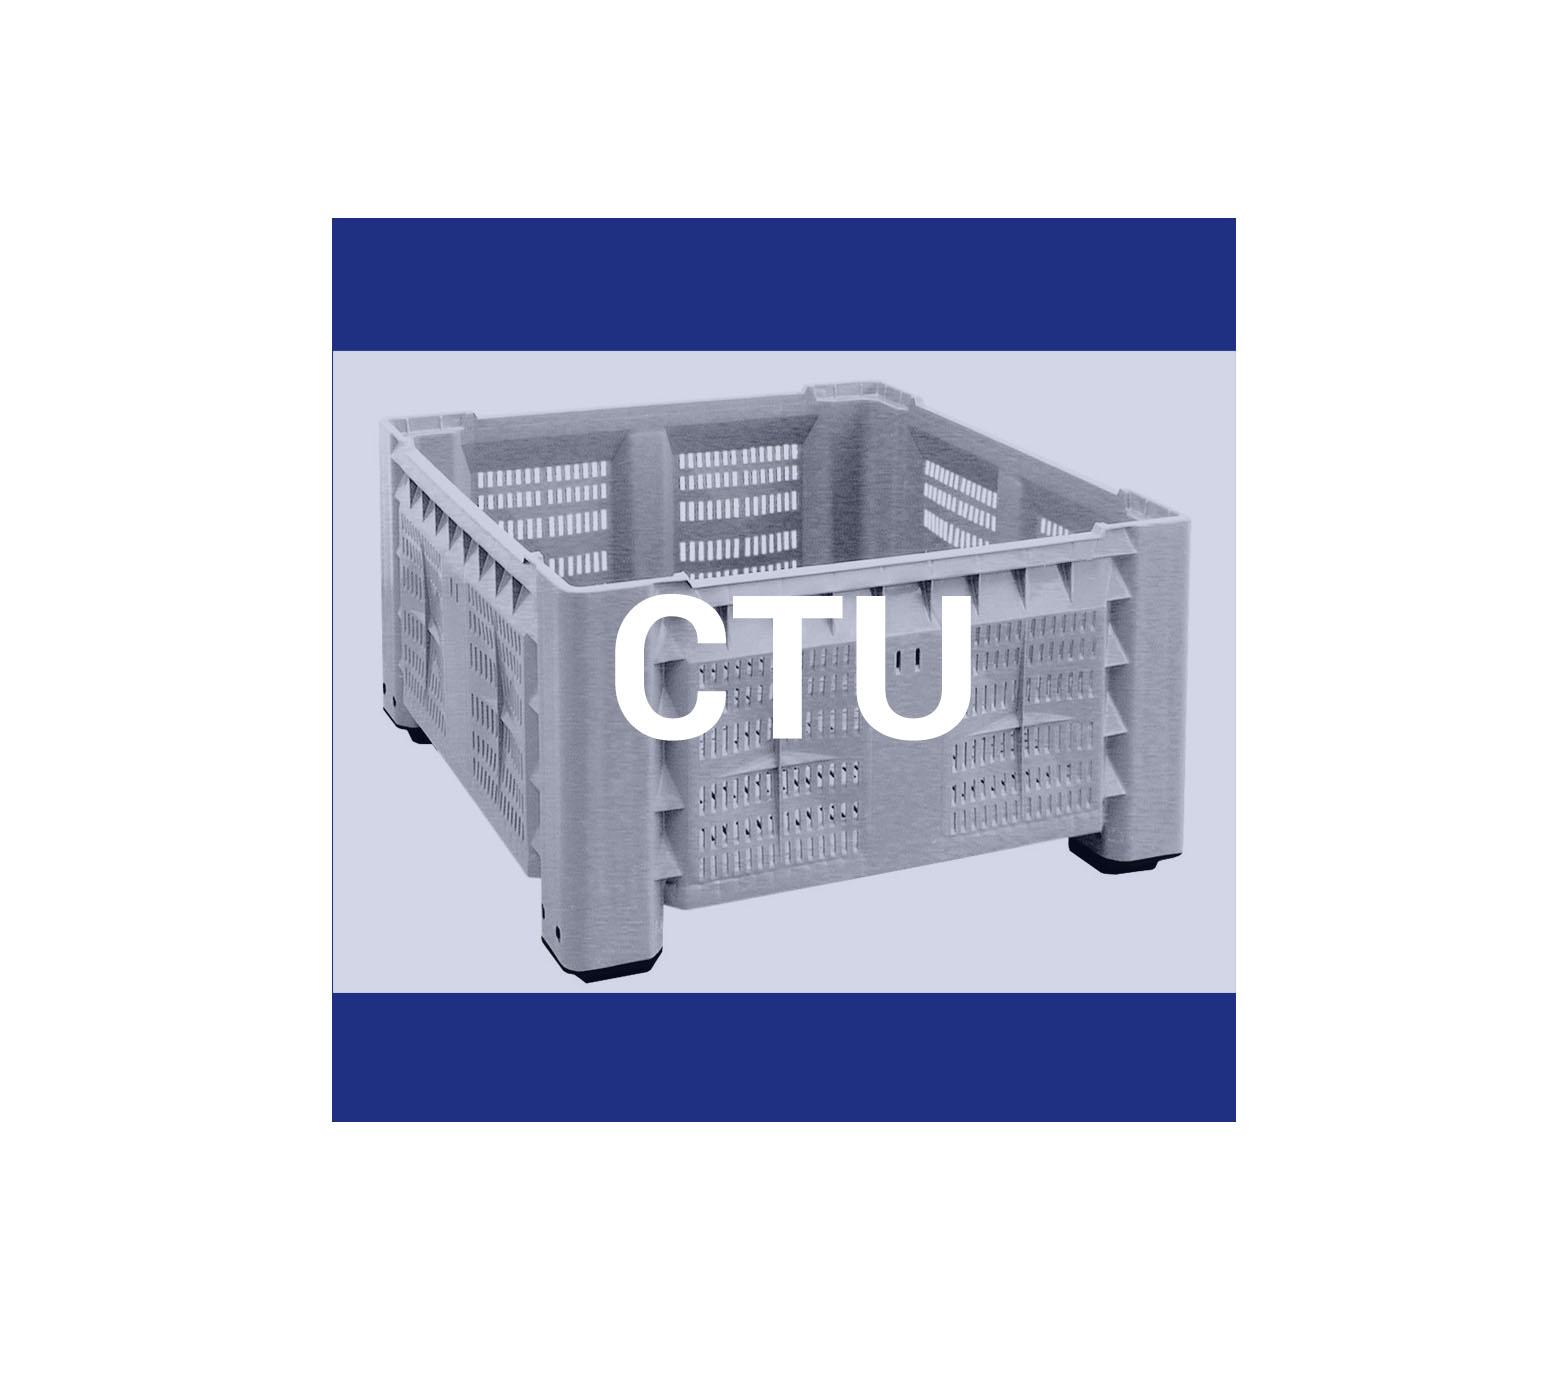 ctu - gv - a